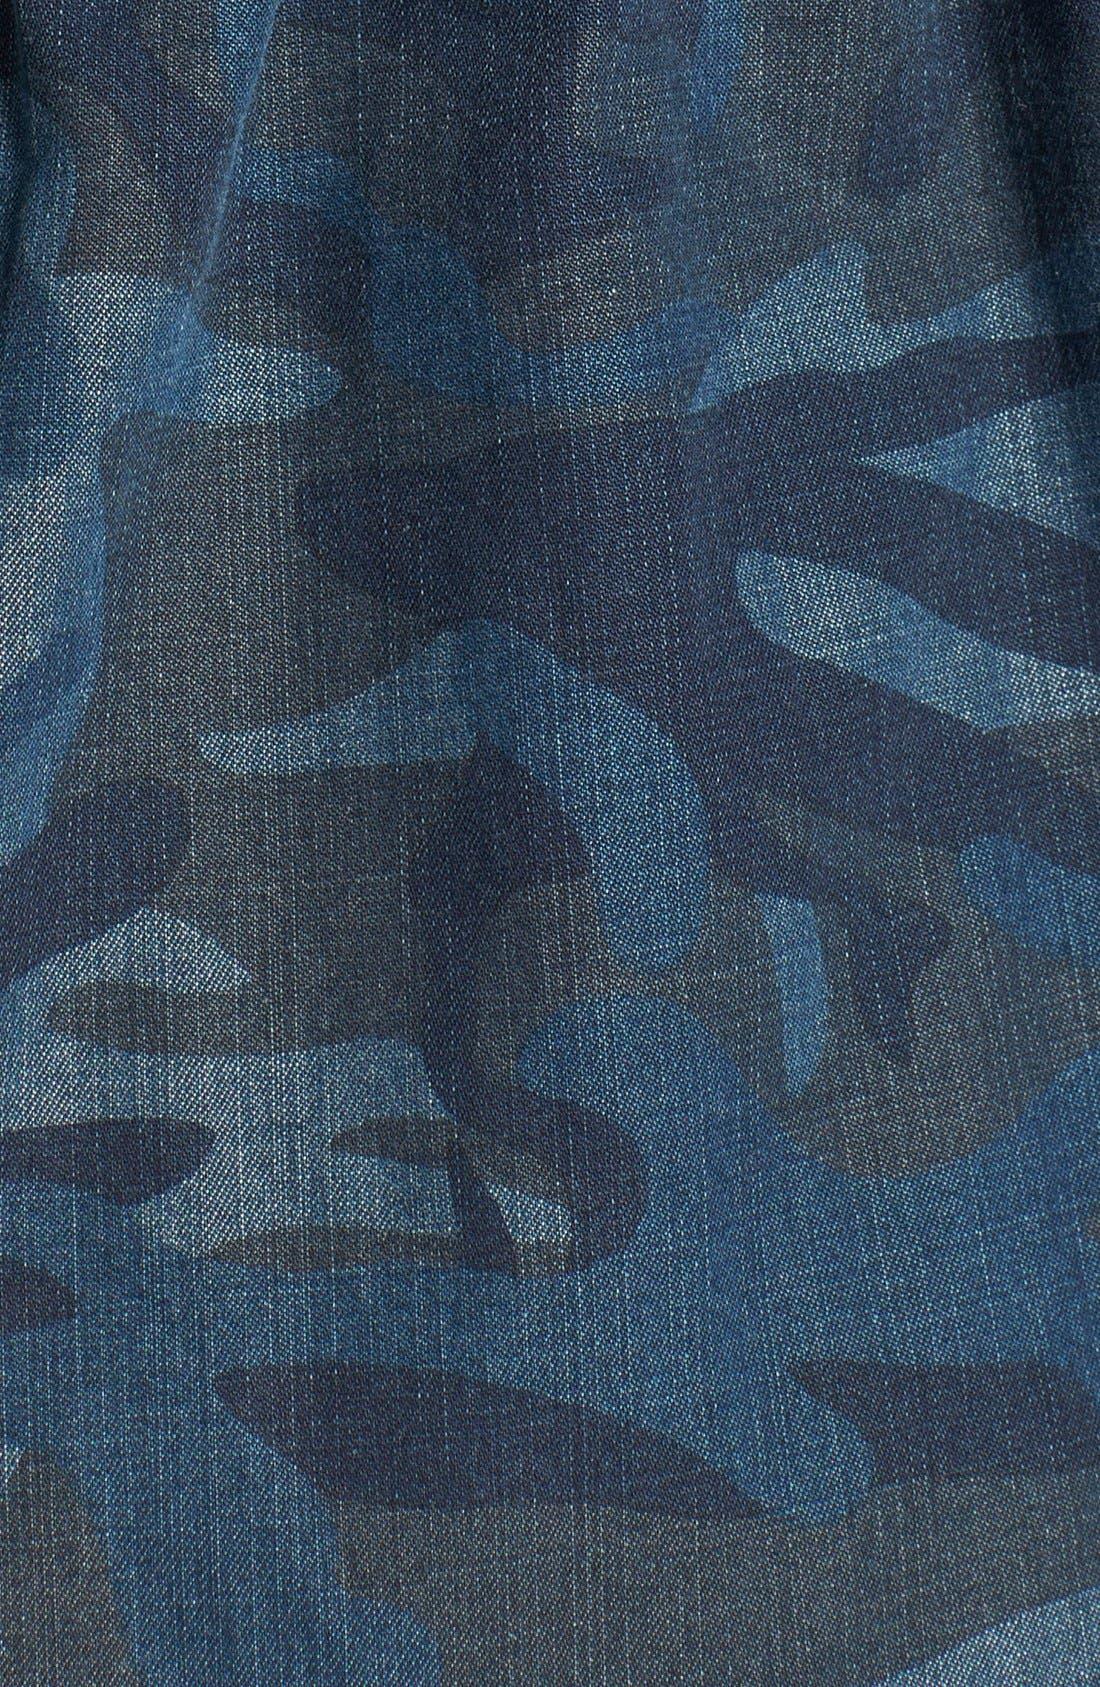 Alternate Image 3  - Treasure&Bond Hooded Surplus Jacket